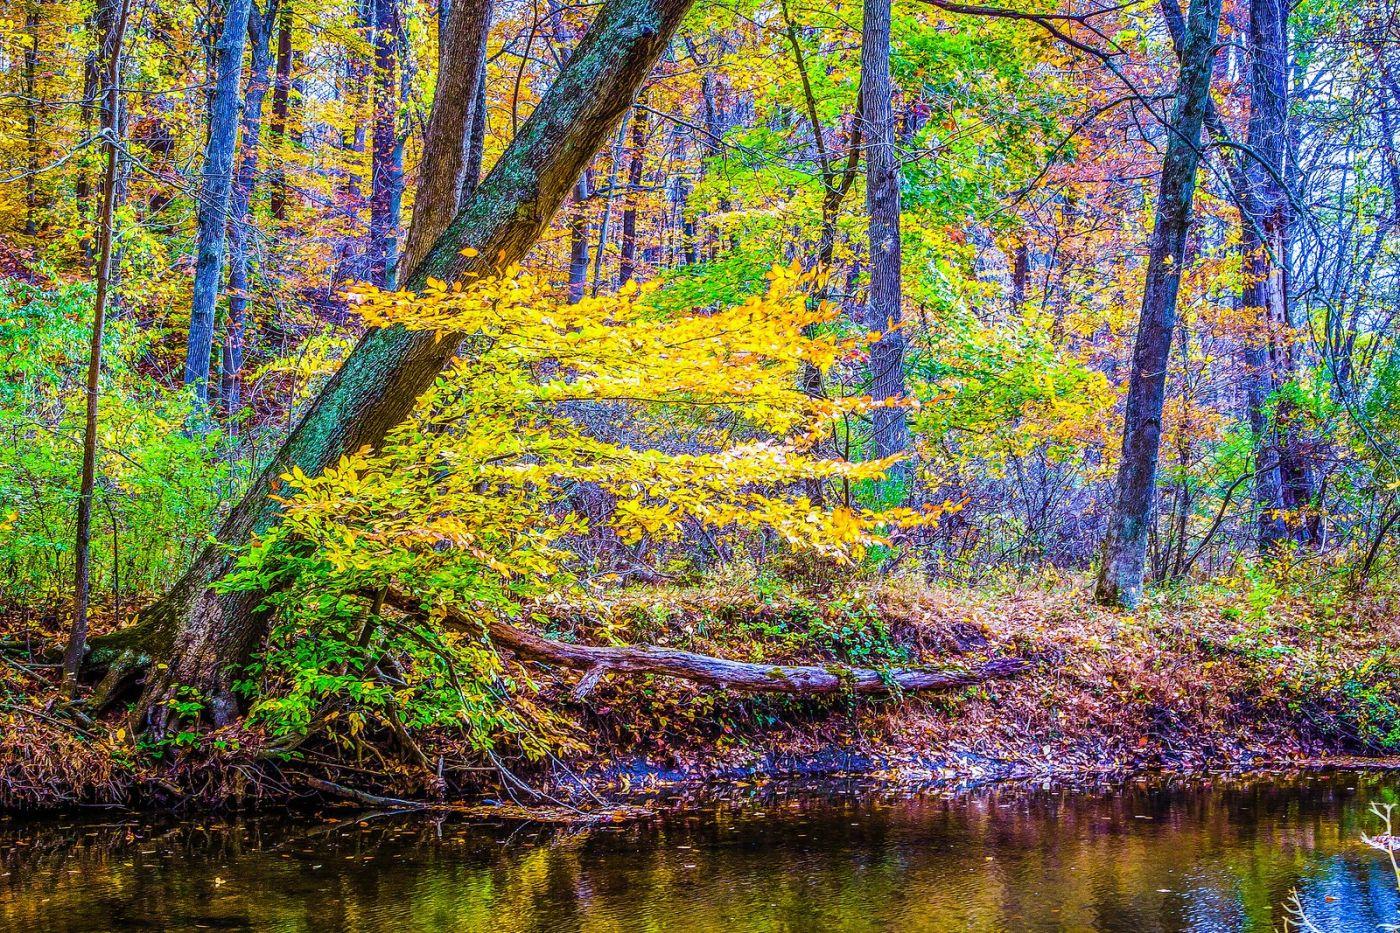 宾州雷德利克里克公园(Ridley creek park),大自然的舞台_图1-1